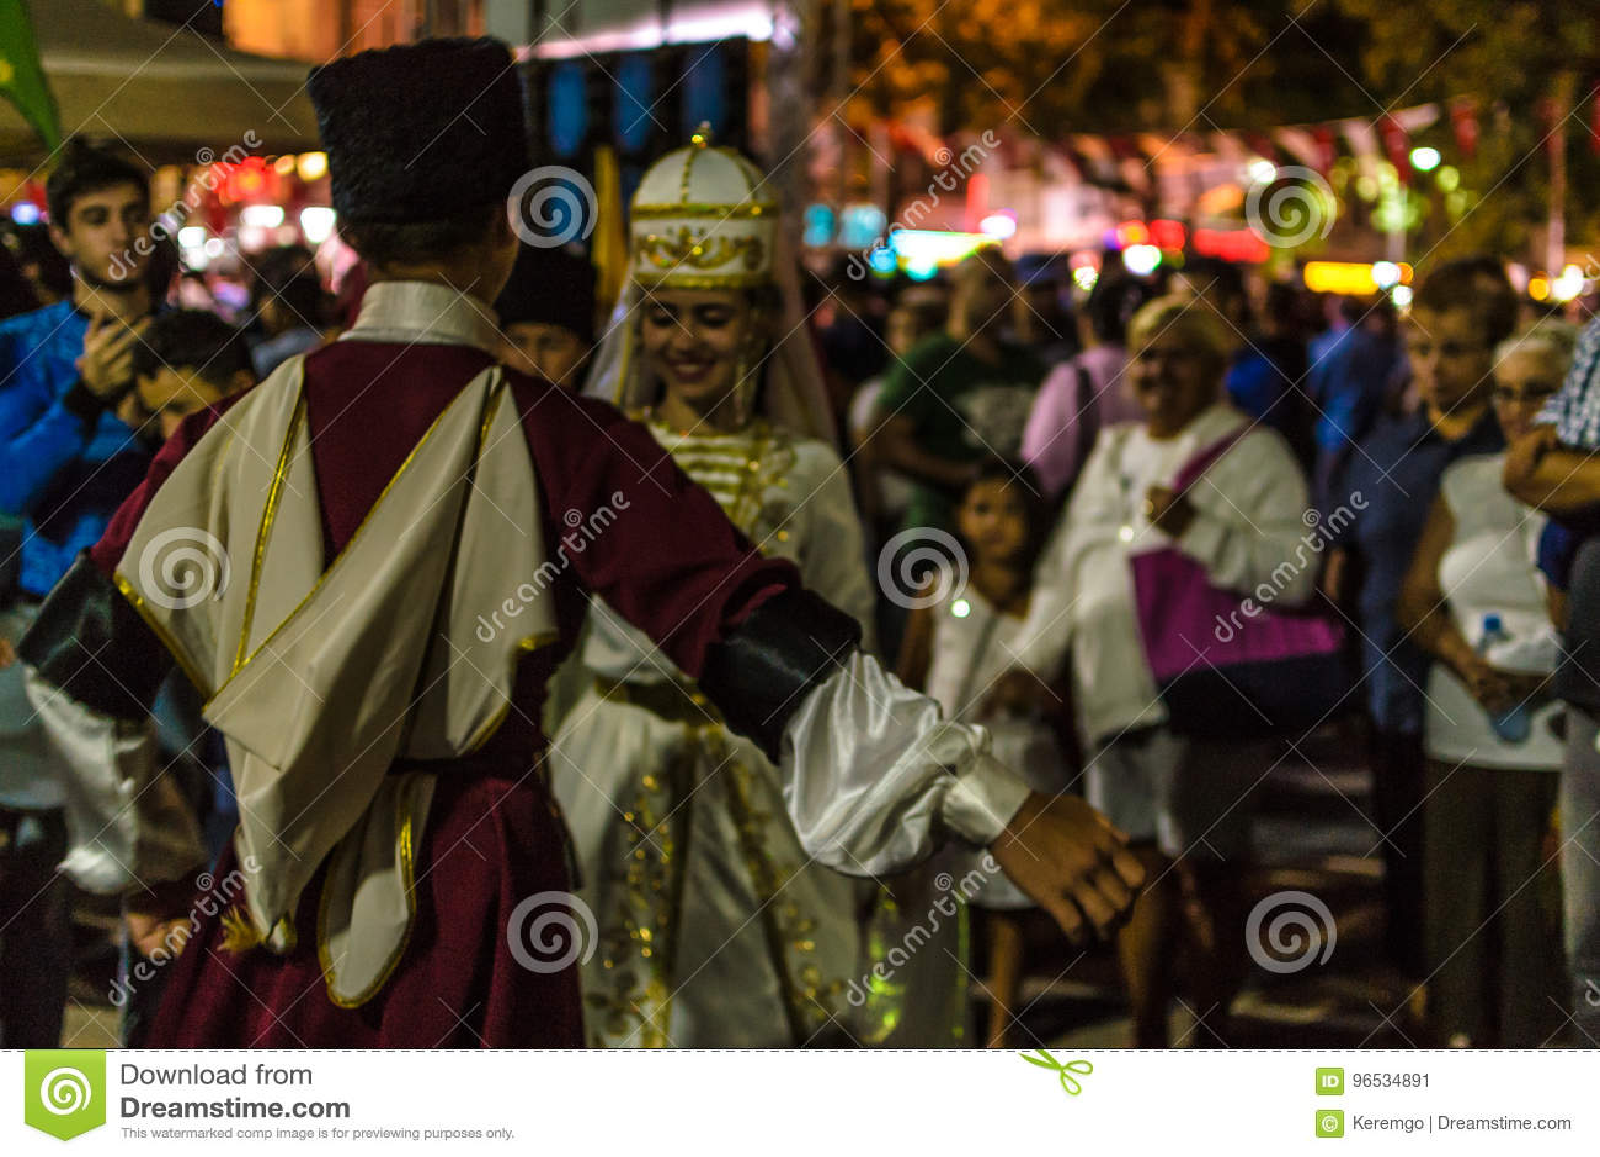 Folk Dance And Music Festival